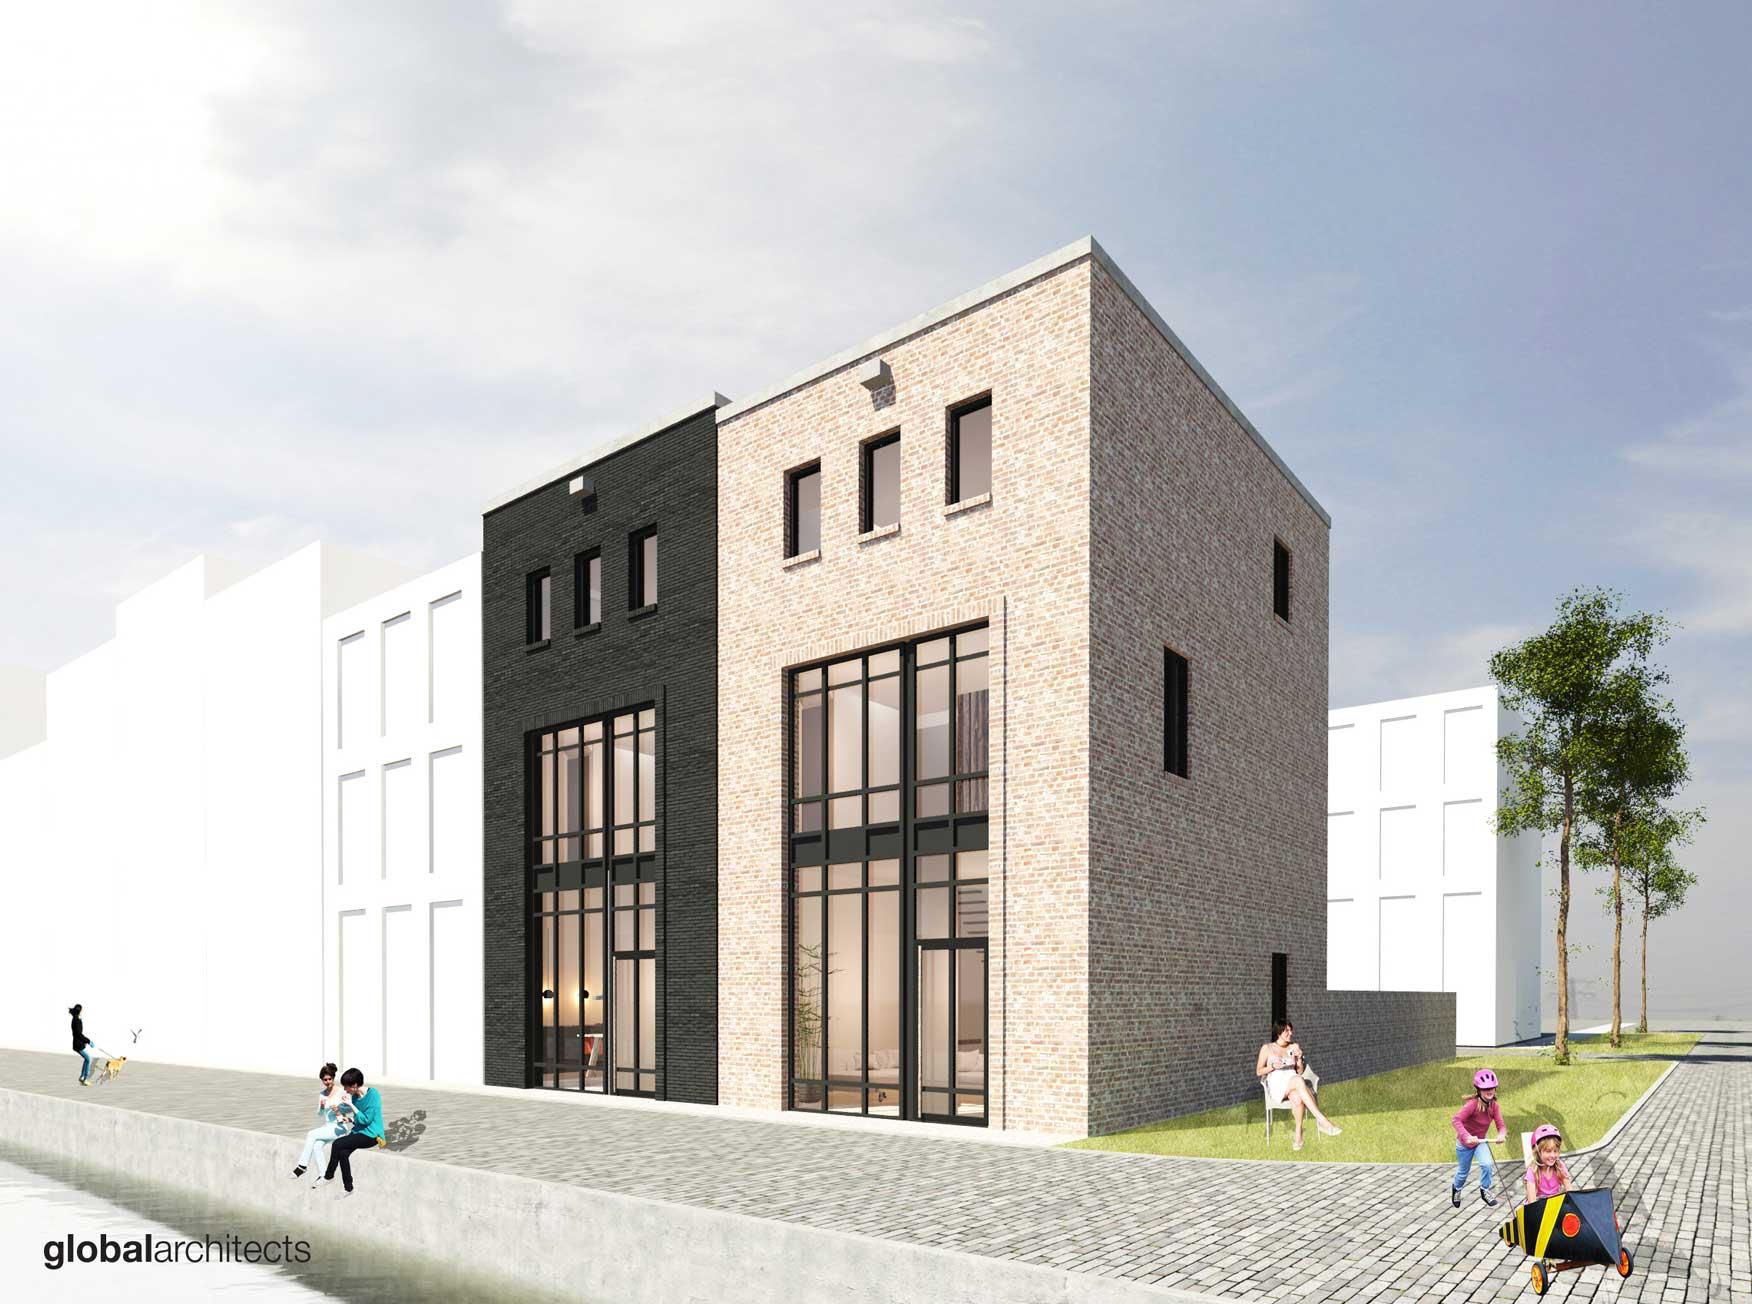 Architectenbureau Den Haag : Architecten den haag global architects architectenbureau den